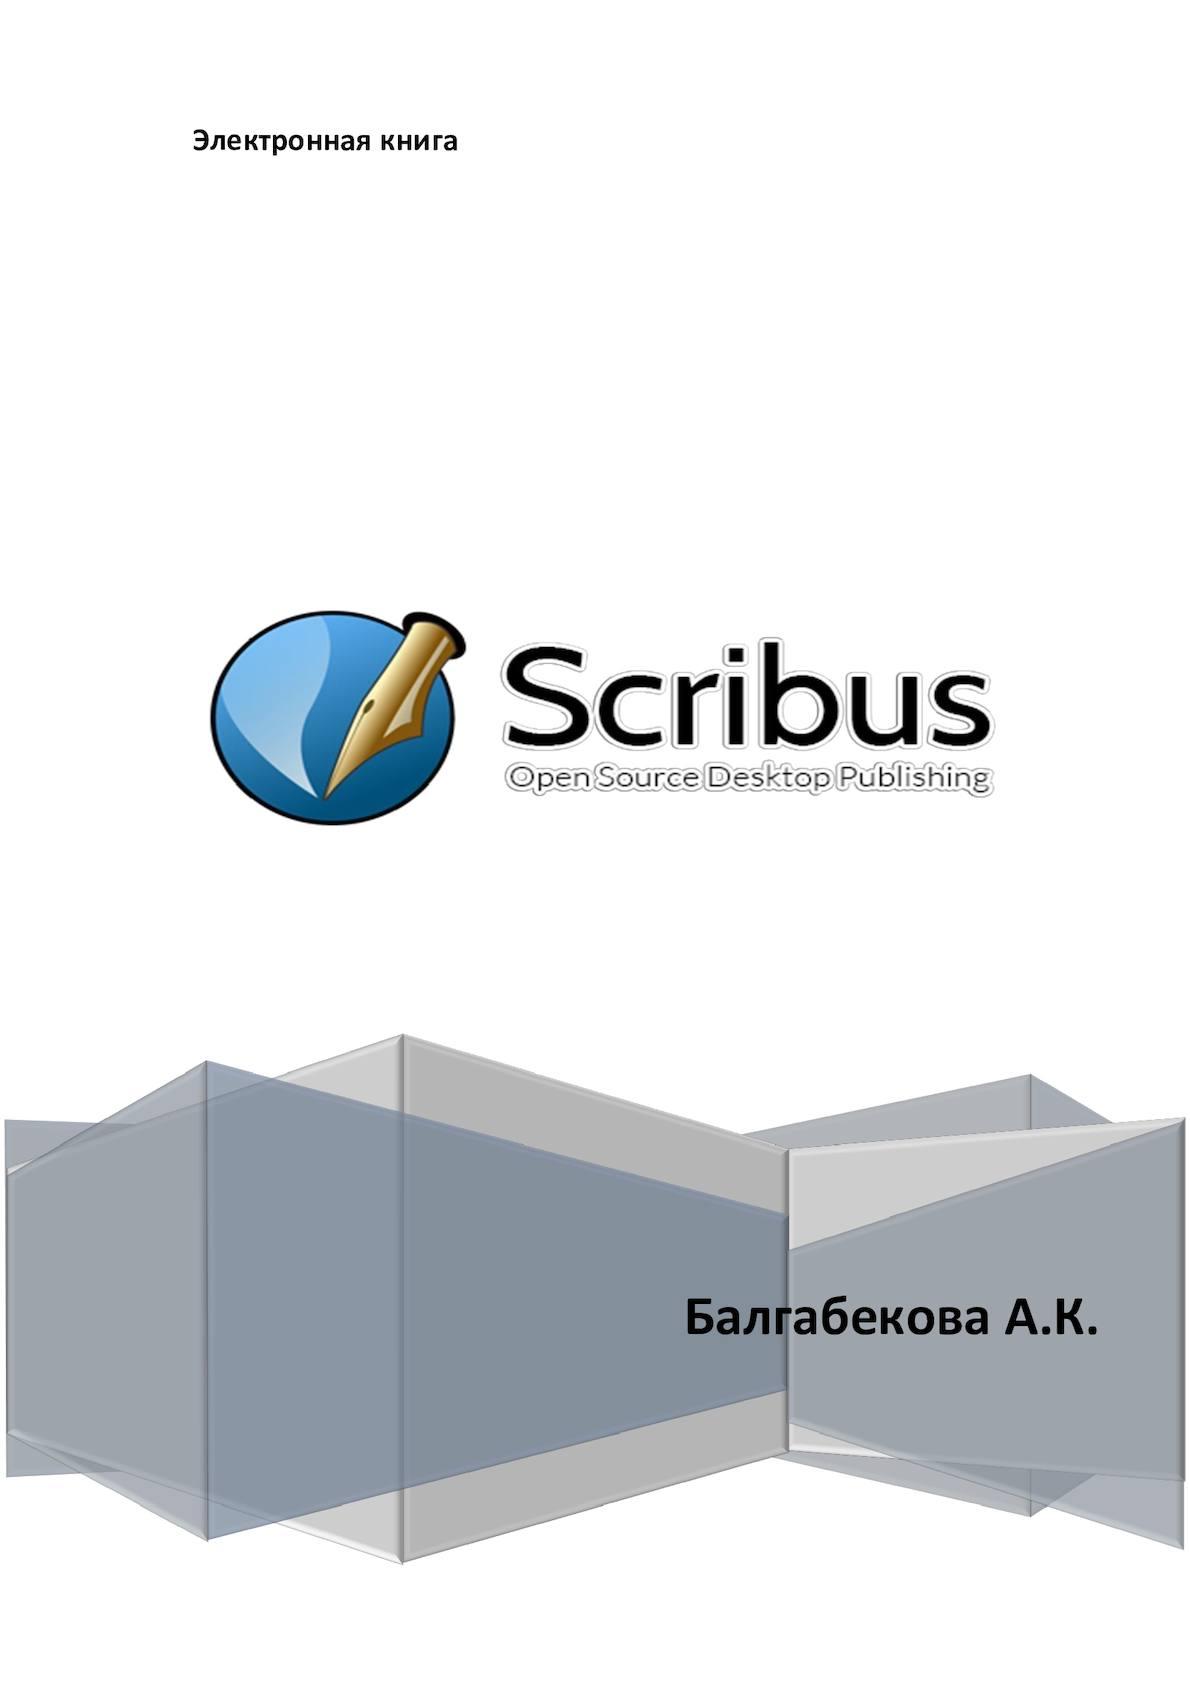 Электронная книга по Scribus